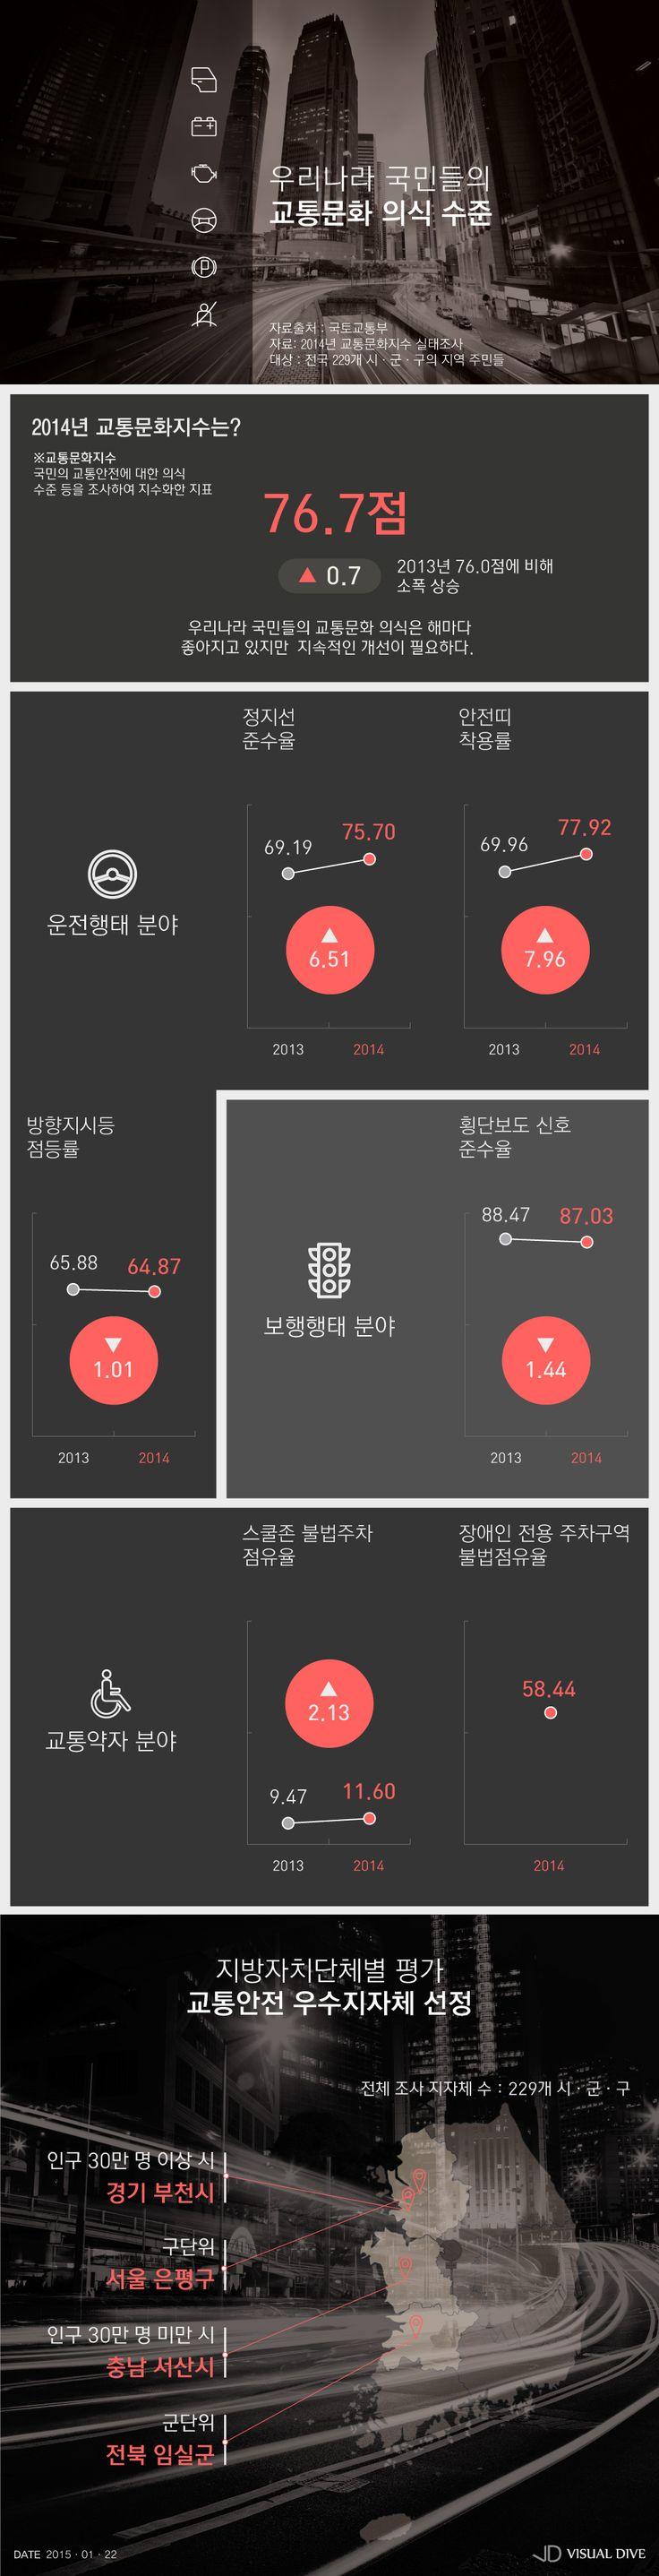 한국인 교통문화 의식 'C등급'…교통 약자 배려 '부족' [인포그래픽] #trafficking weak / #Infographic ⓒ 비주얼다이브 무단 복사·전재·재배포 금지